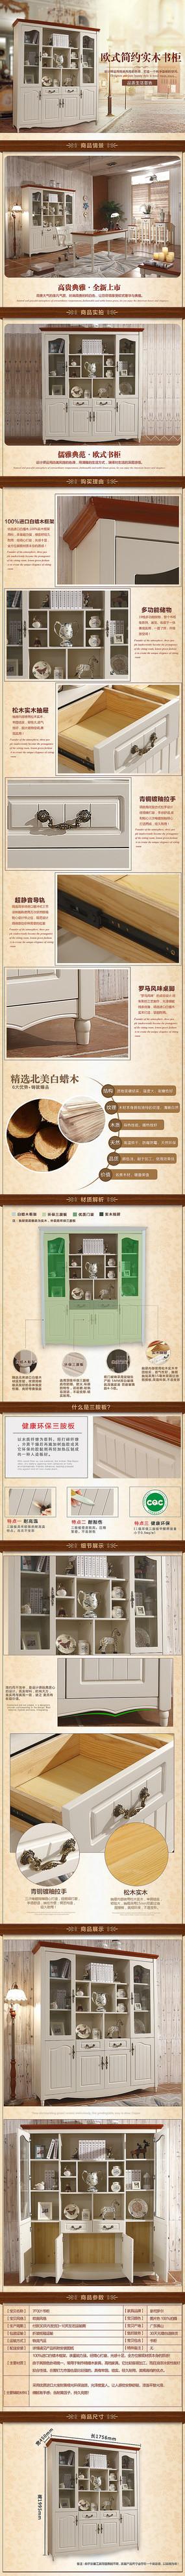 淘宝天猫家具酒柜详情页描述图